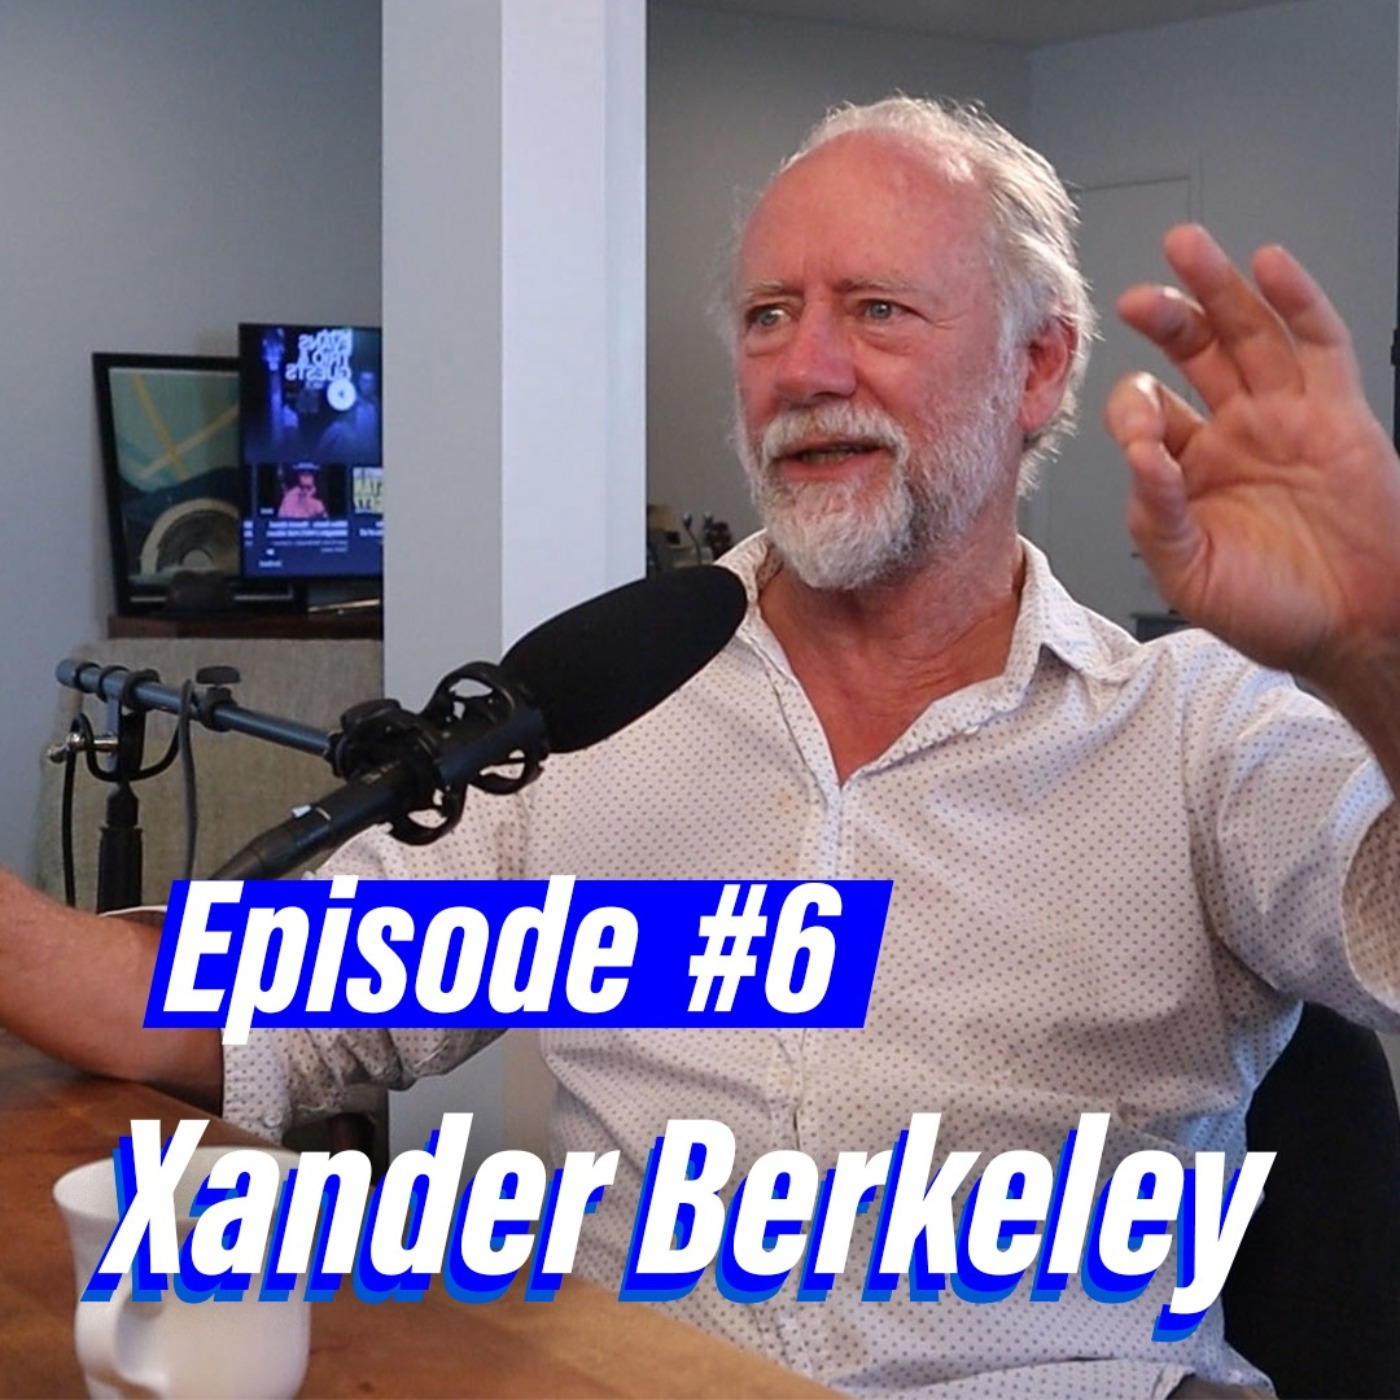 Episode #6 with Xander Berkeley